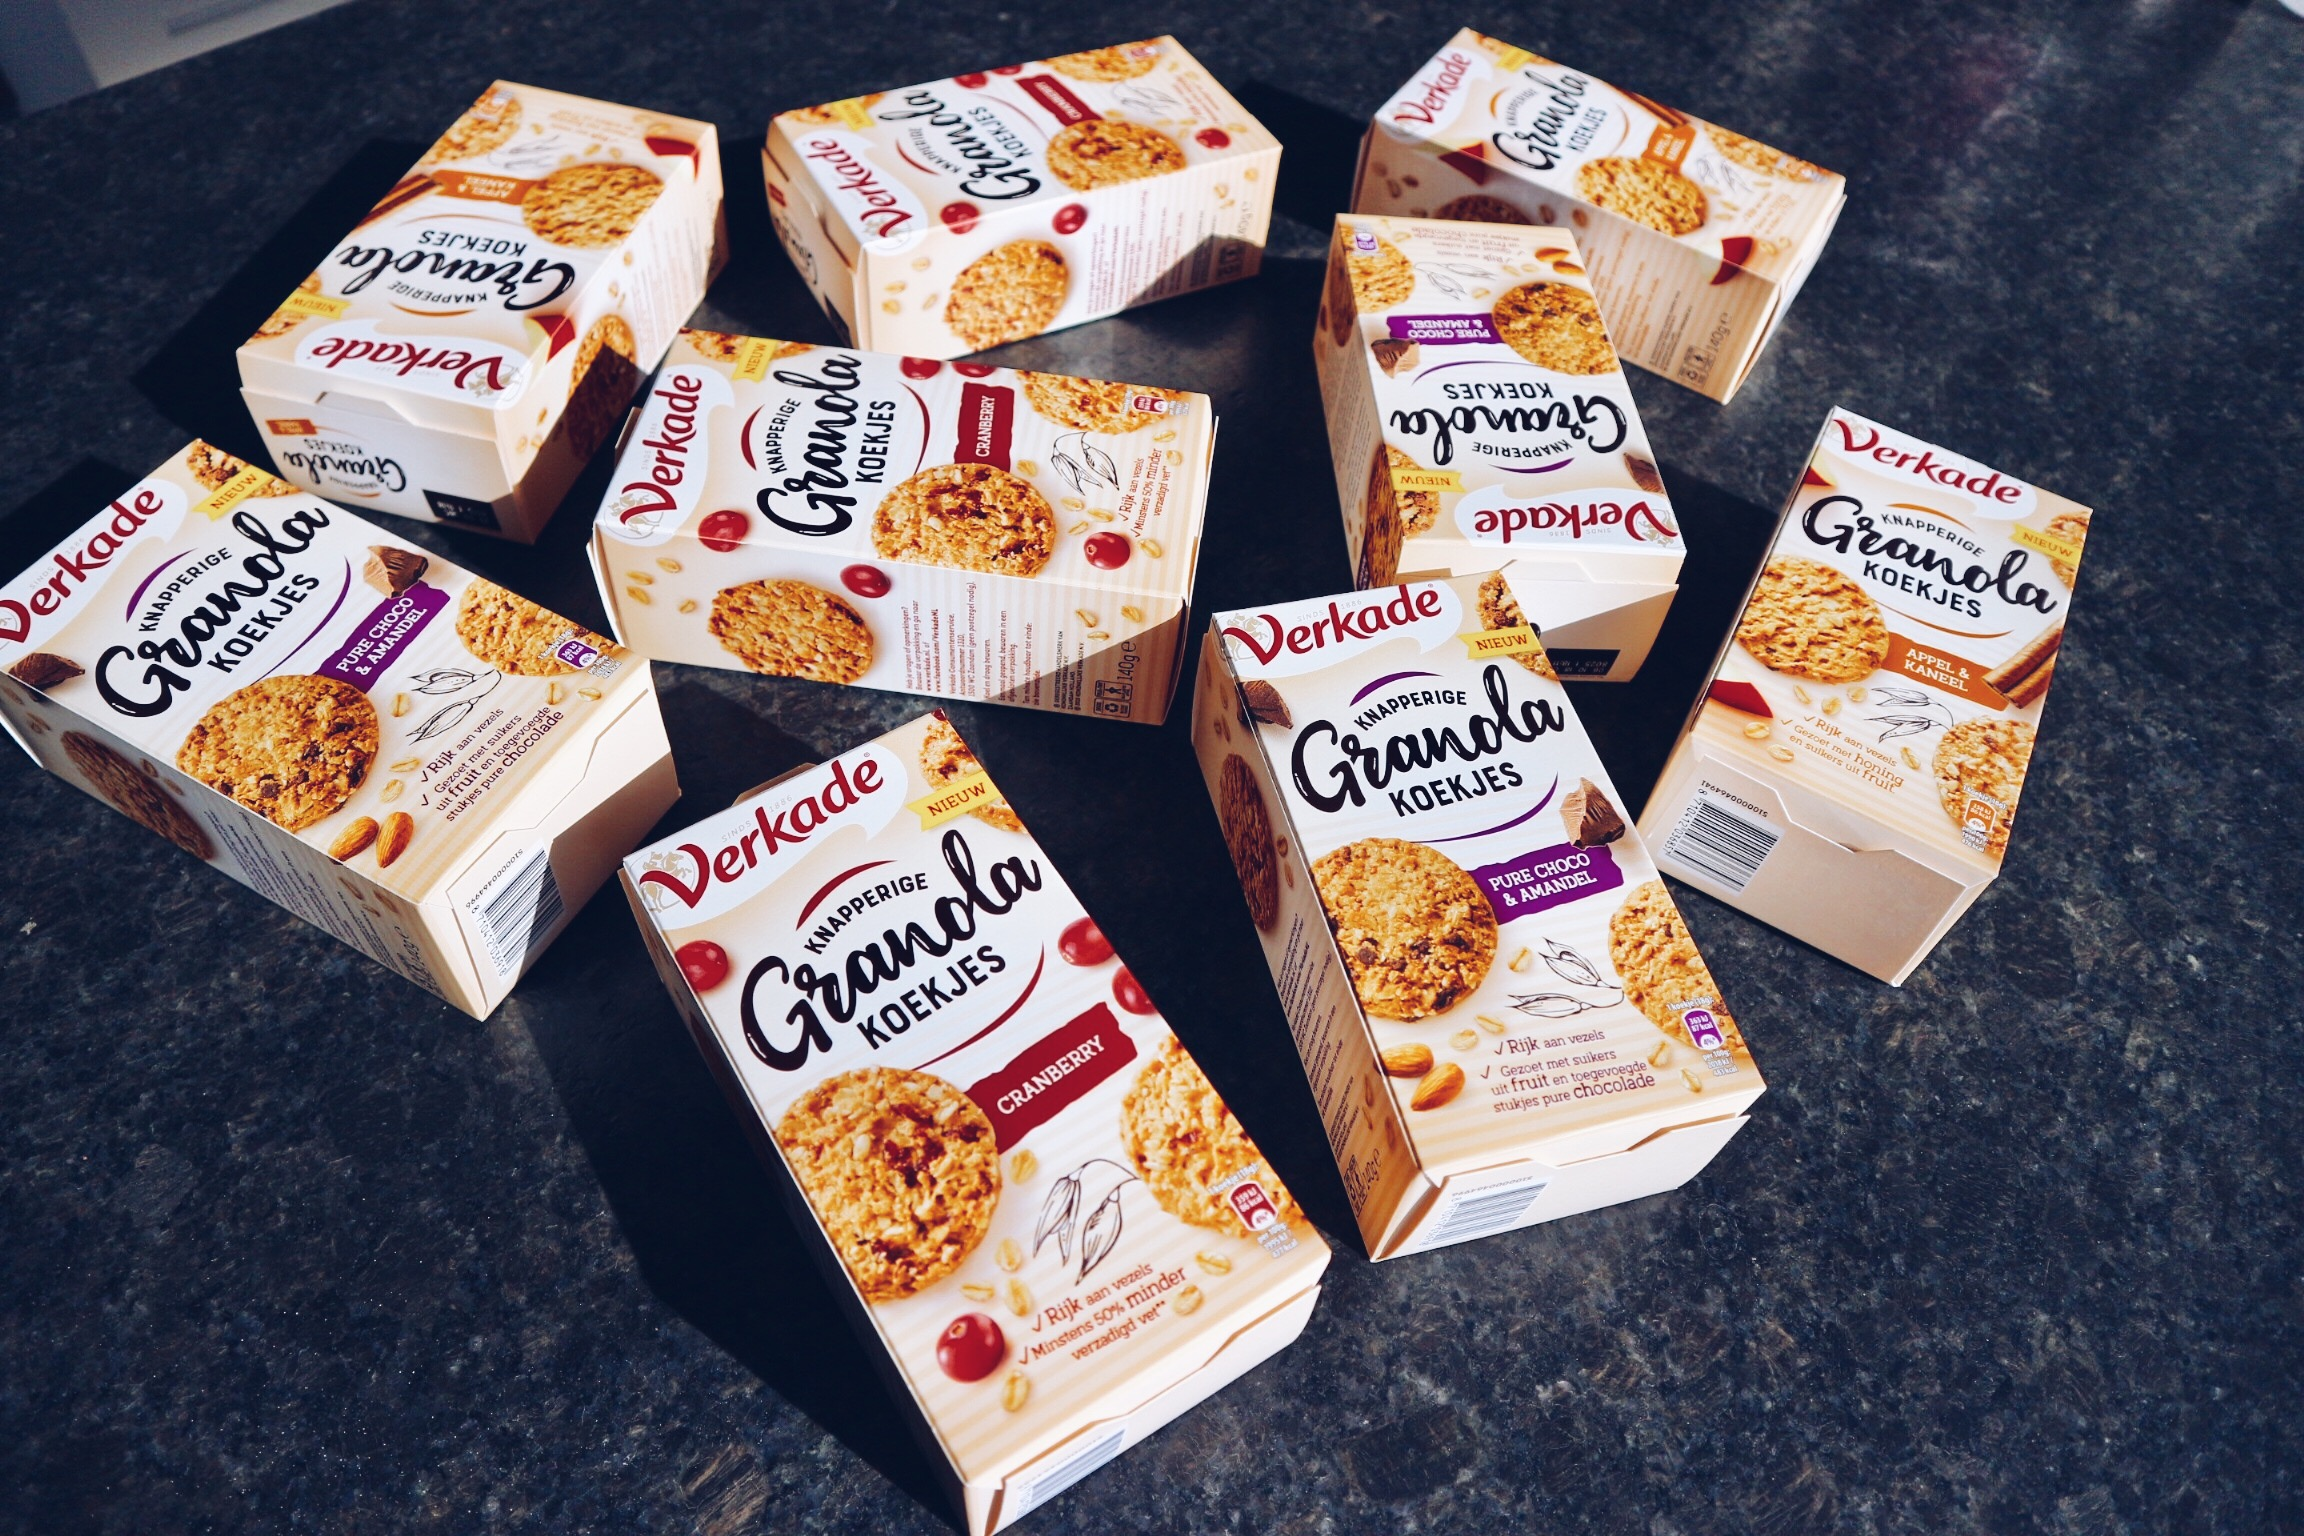 granola, Verkade, koekjes, granolakoekjes, zorgelooslekker, Verkadegranola, cookie, koekiemonster, snack, tussendoortje, eten, food, koekje, koek, myjewellery, my jewellery, kraagje, trui, ketting, blog, blogger, xmariekie